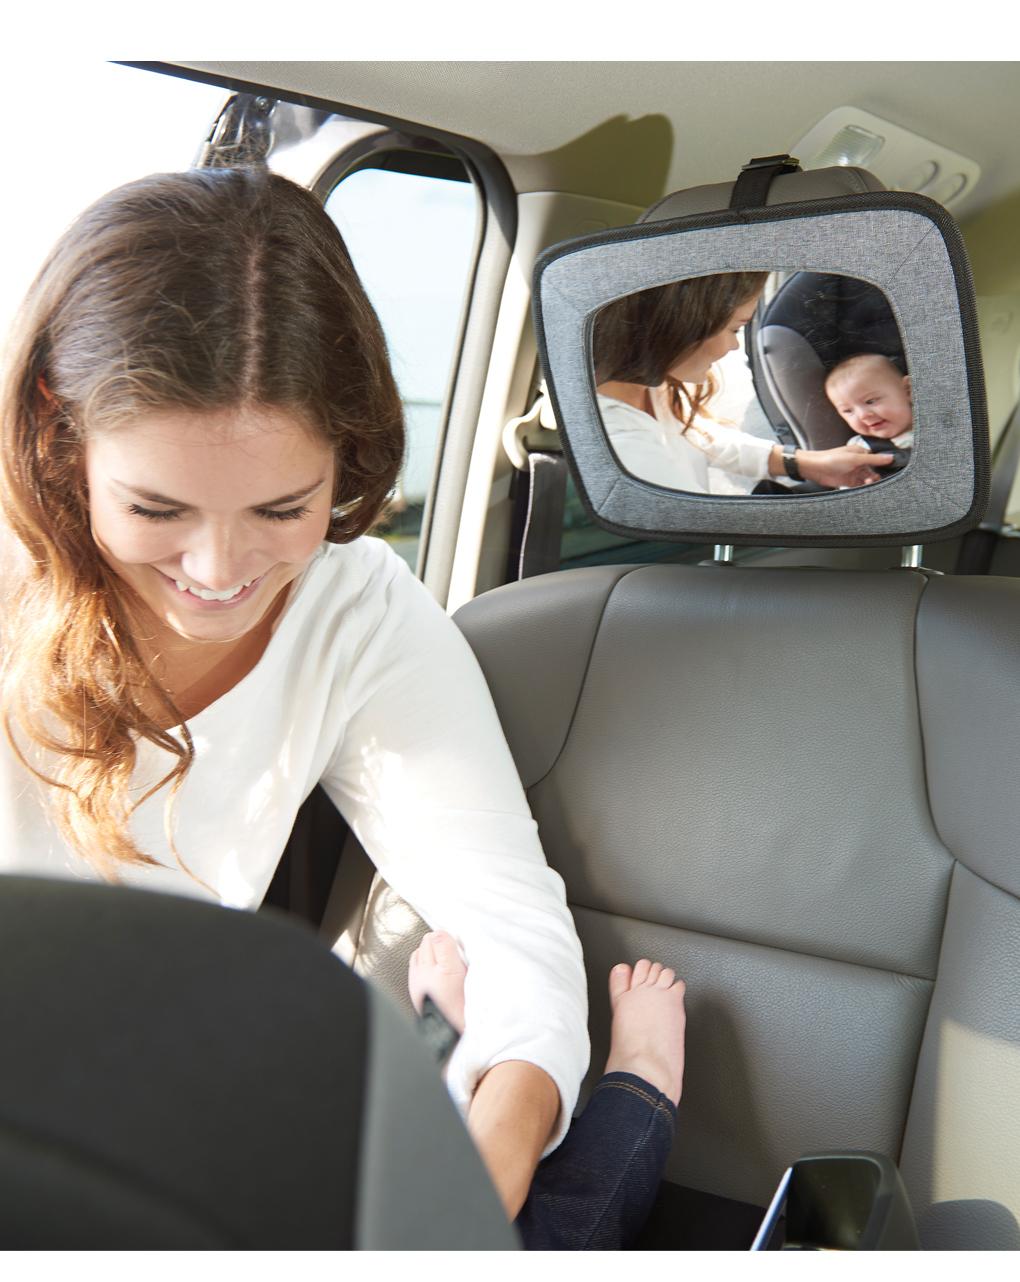 Specchietto posteriore controlla bimbo - Giordani